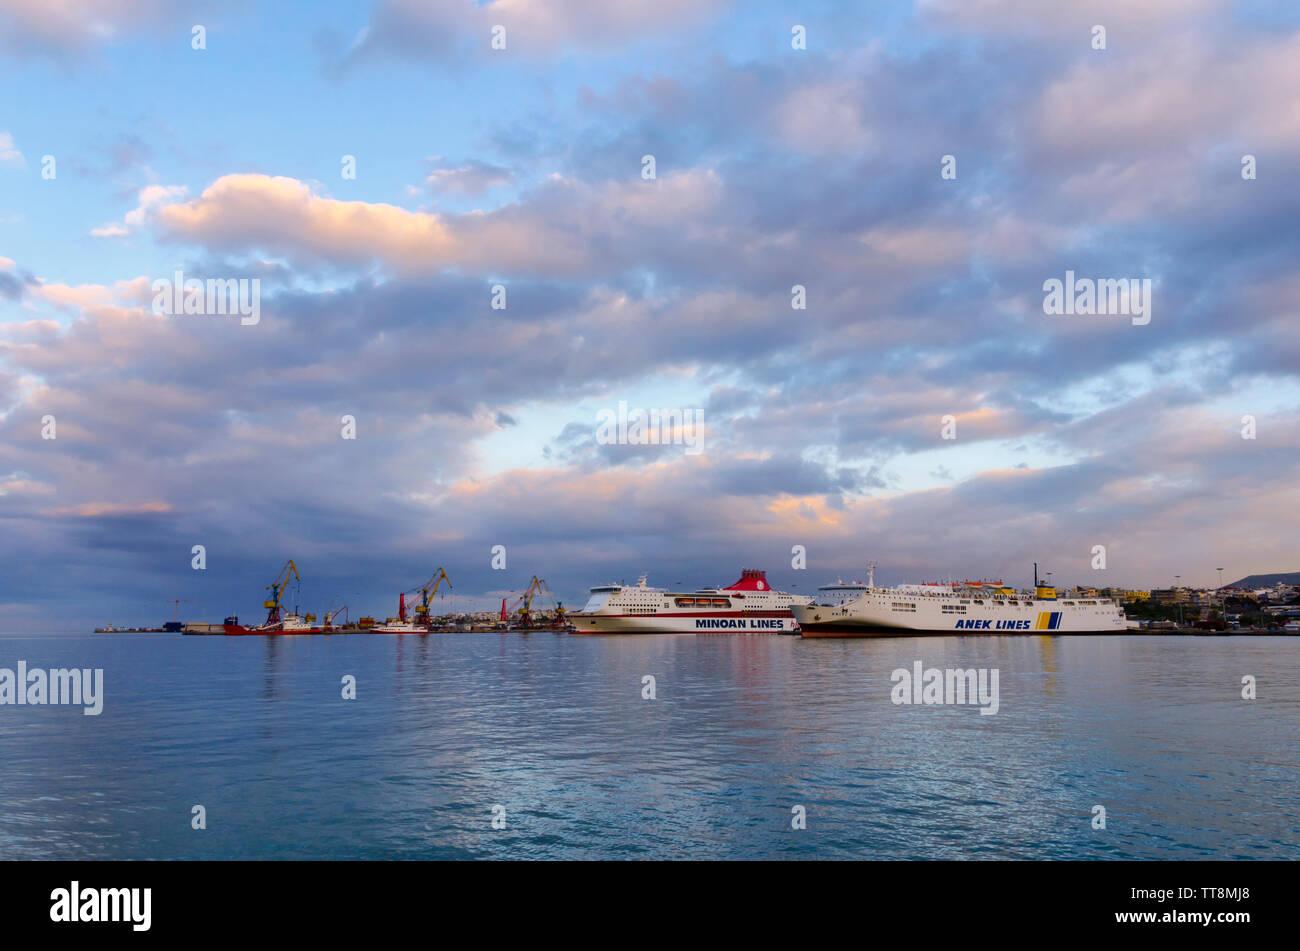 Héraklion, Crète / Grèce. De soleil colorés sur le port d'Héraklion. Deux bateaux ferry amarré à la jetée (Peiraeus - route d'Héraklion) Banque D'Images